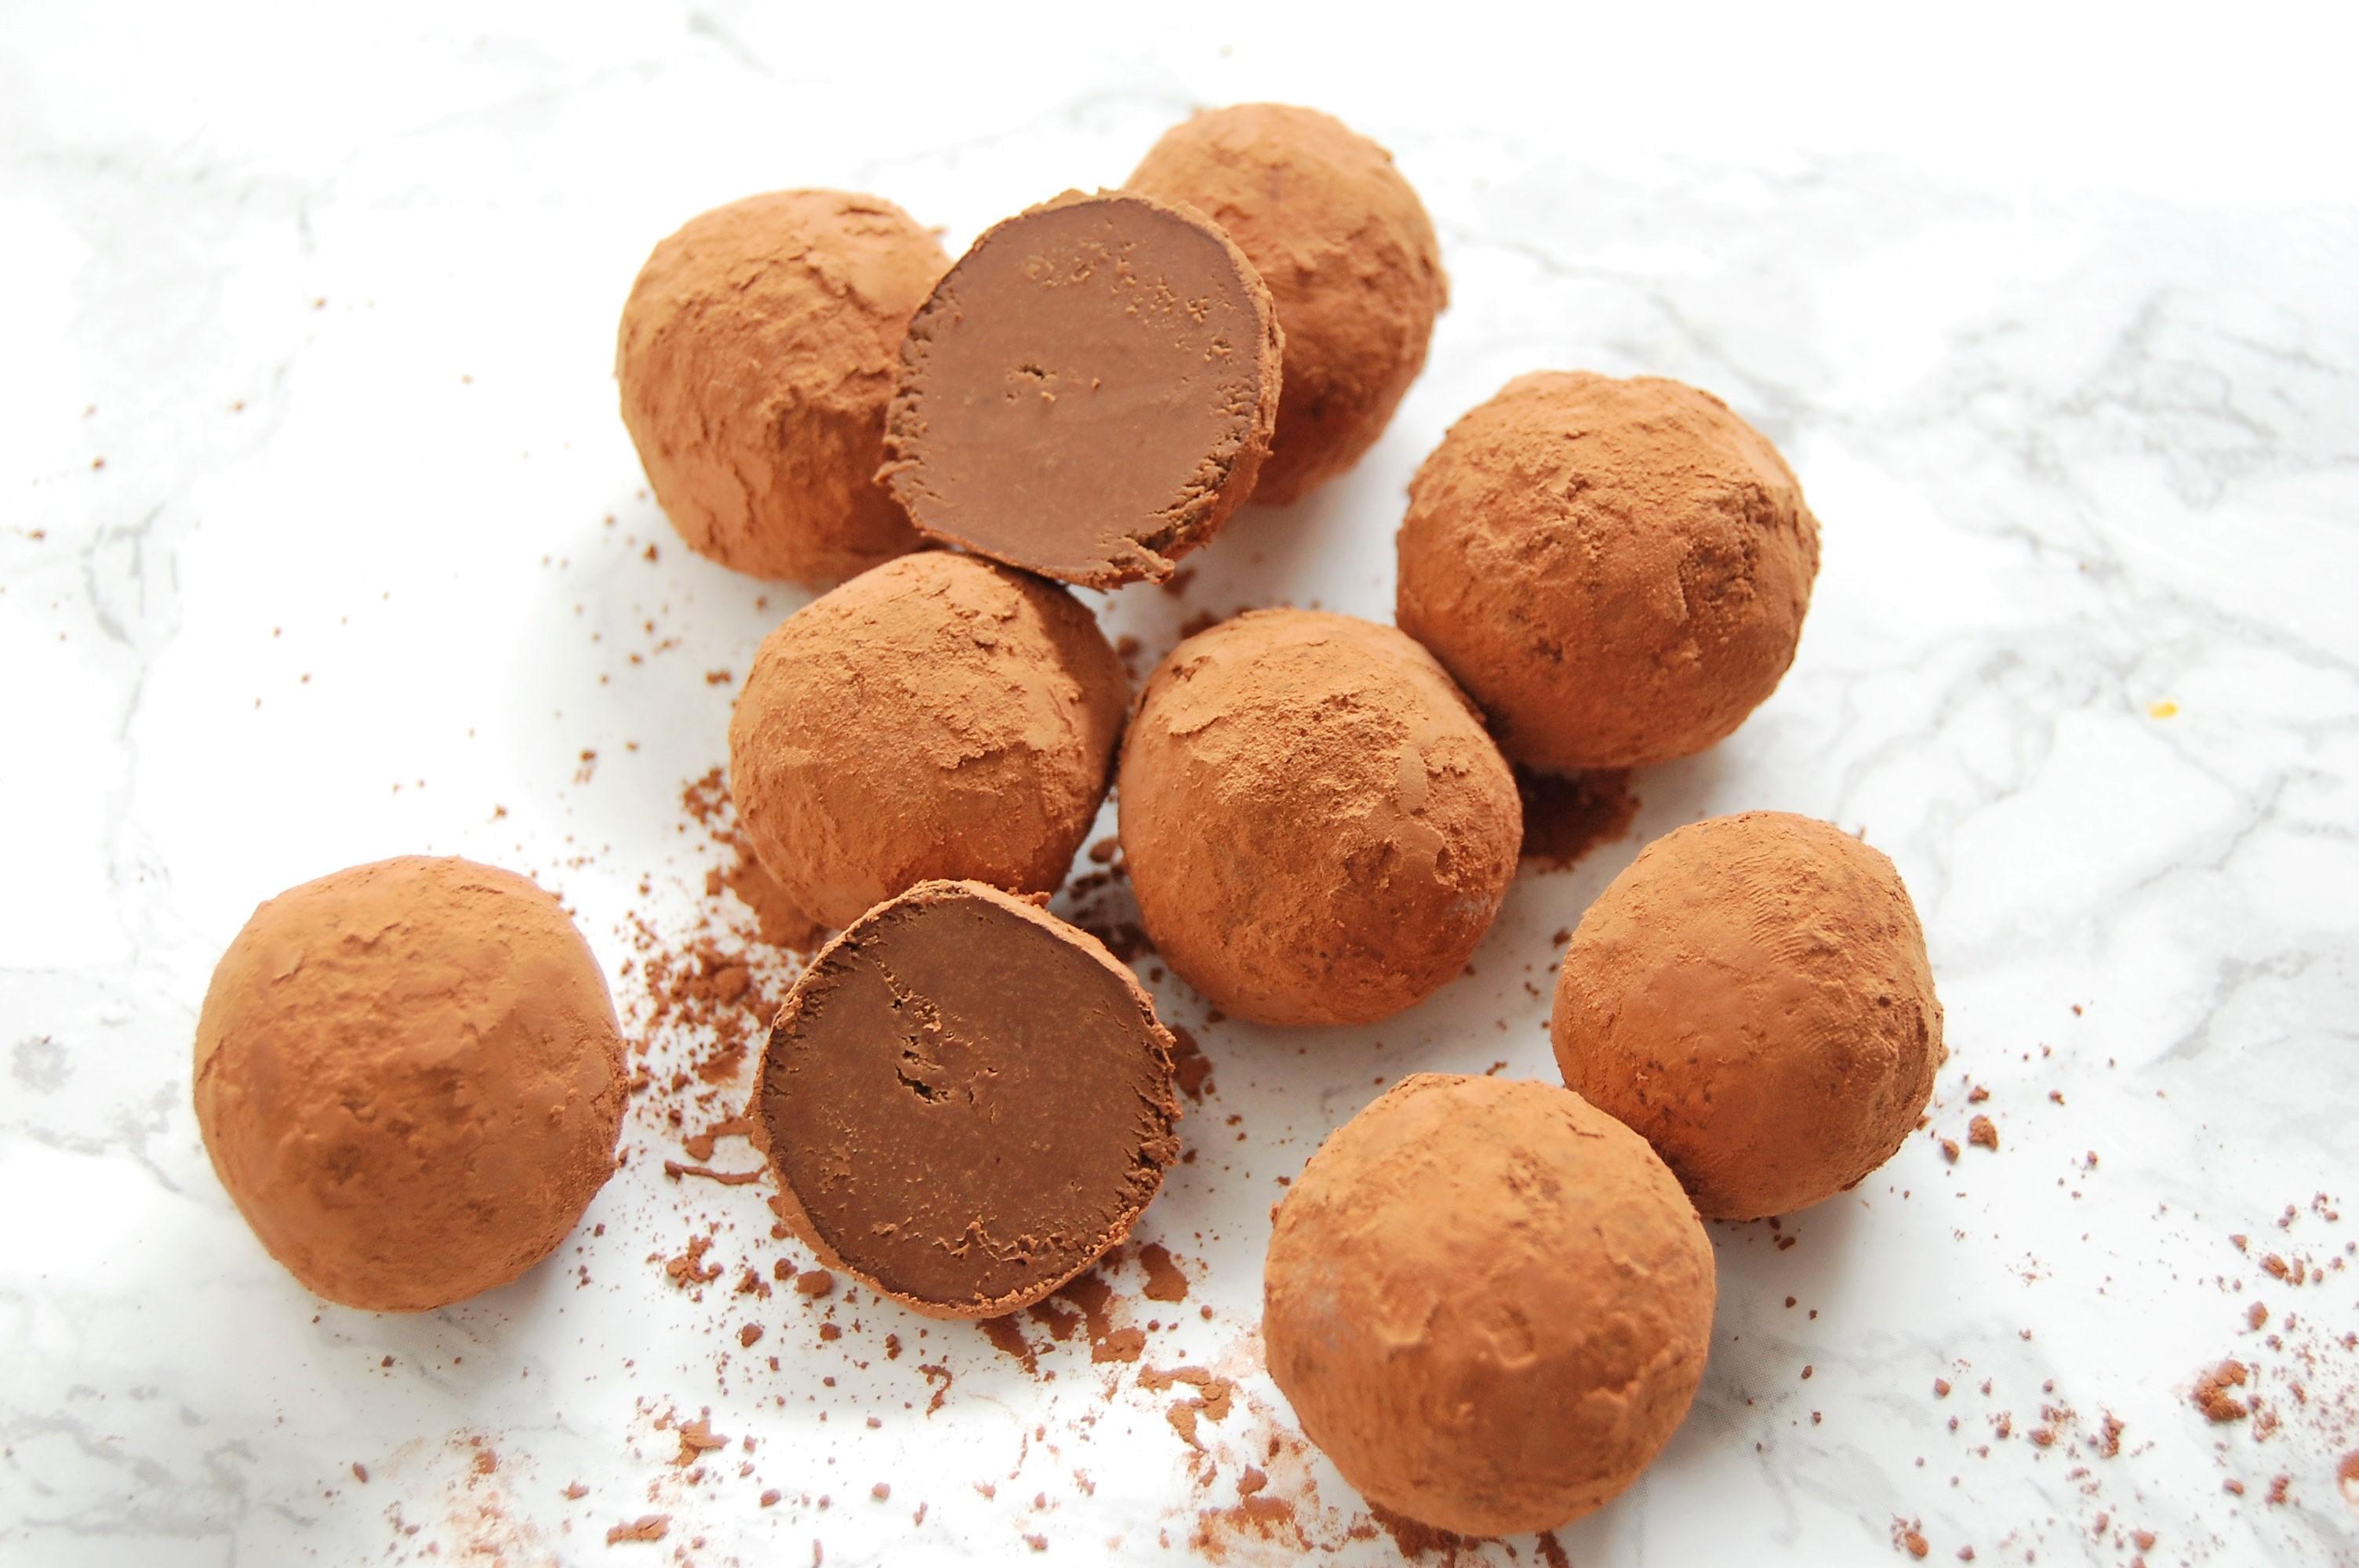 How to Make Chocolate Avocado Truffles